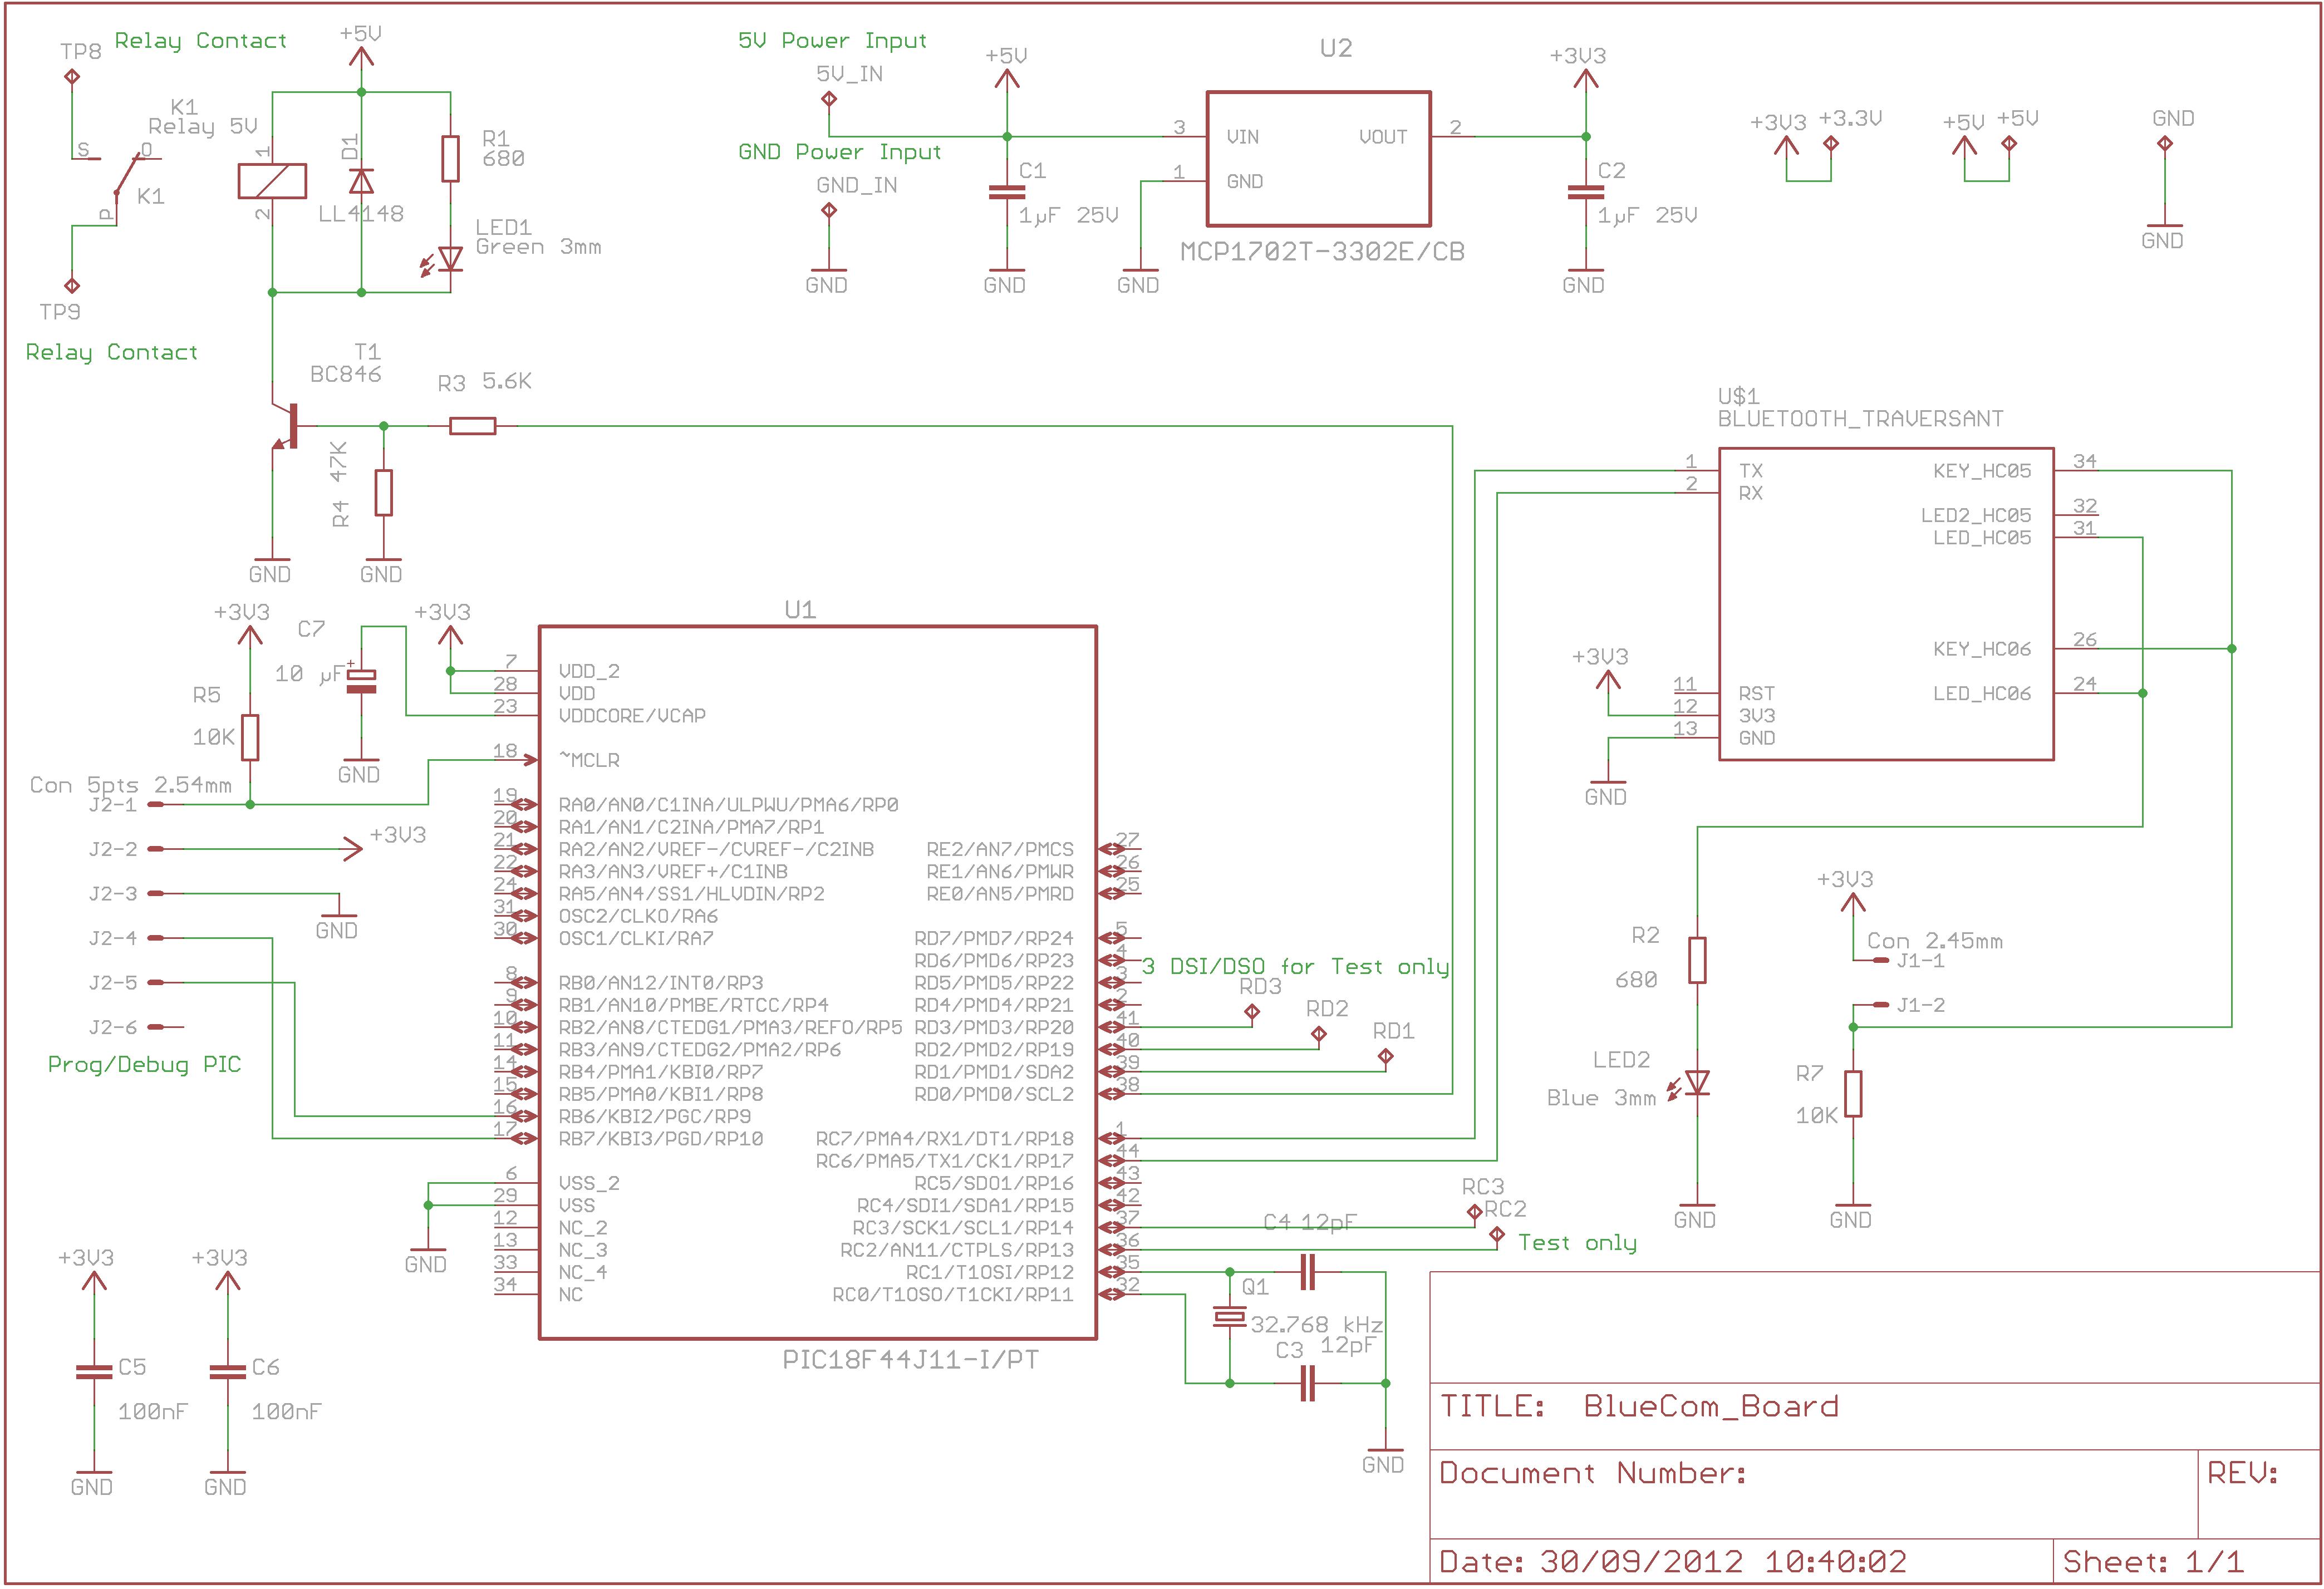 Mentor Graphics IO Designer 7 4. Proteus VSM Professional 7. 1 SP4 Mar 18,